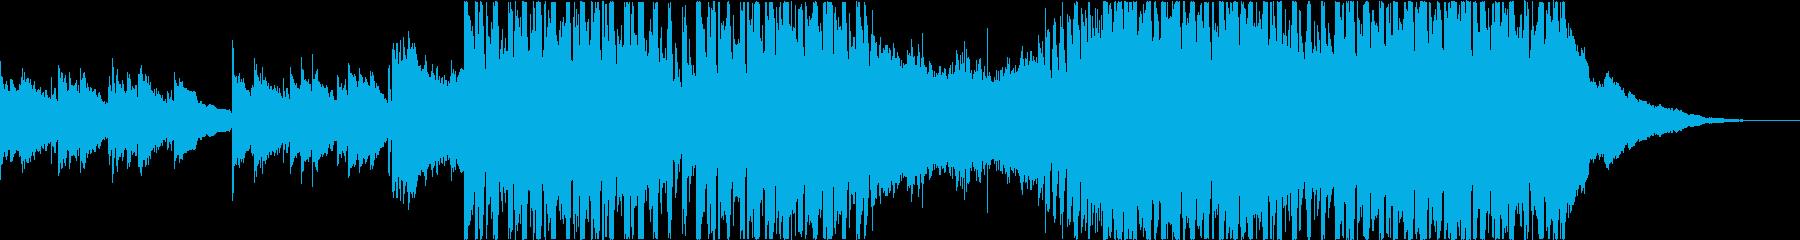 ポップ テクノ ロック コーポレー...の再生済みの波形